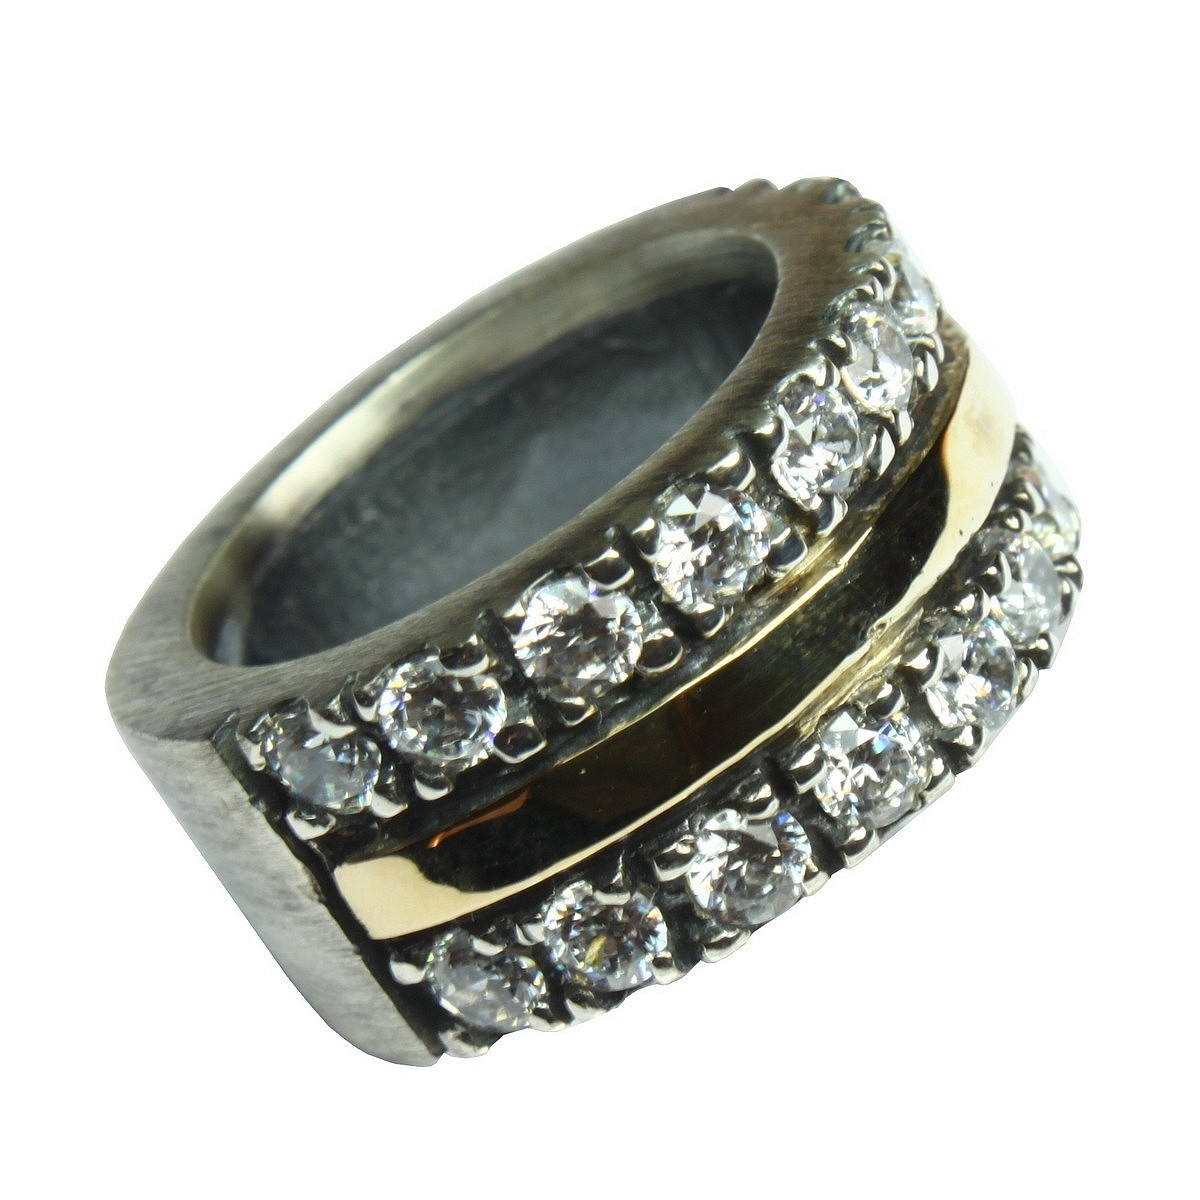 37355ad5a1bed Anel de prata e ouro - Comprar anel de prata e ouro com zircões em ...